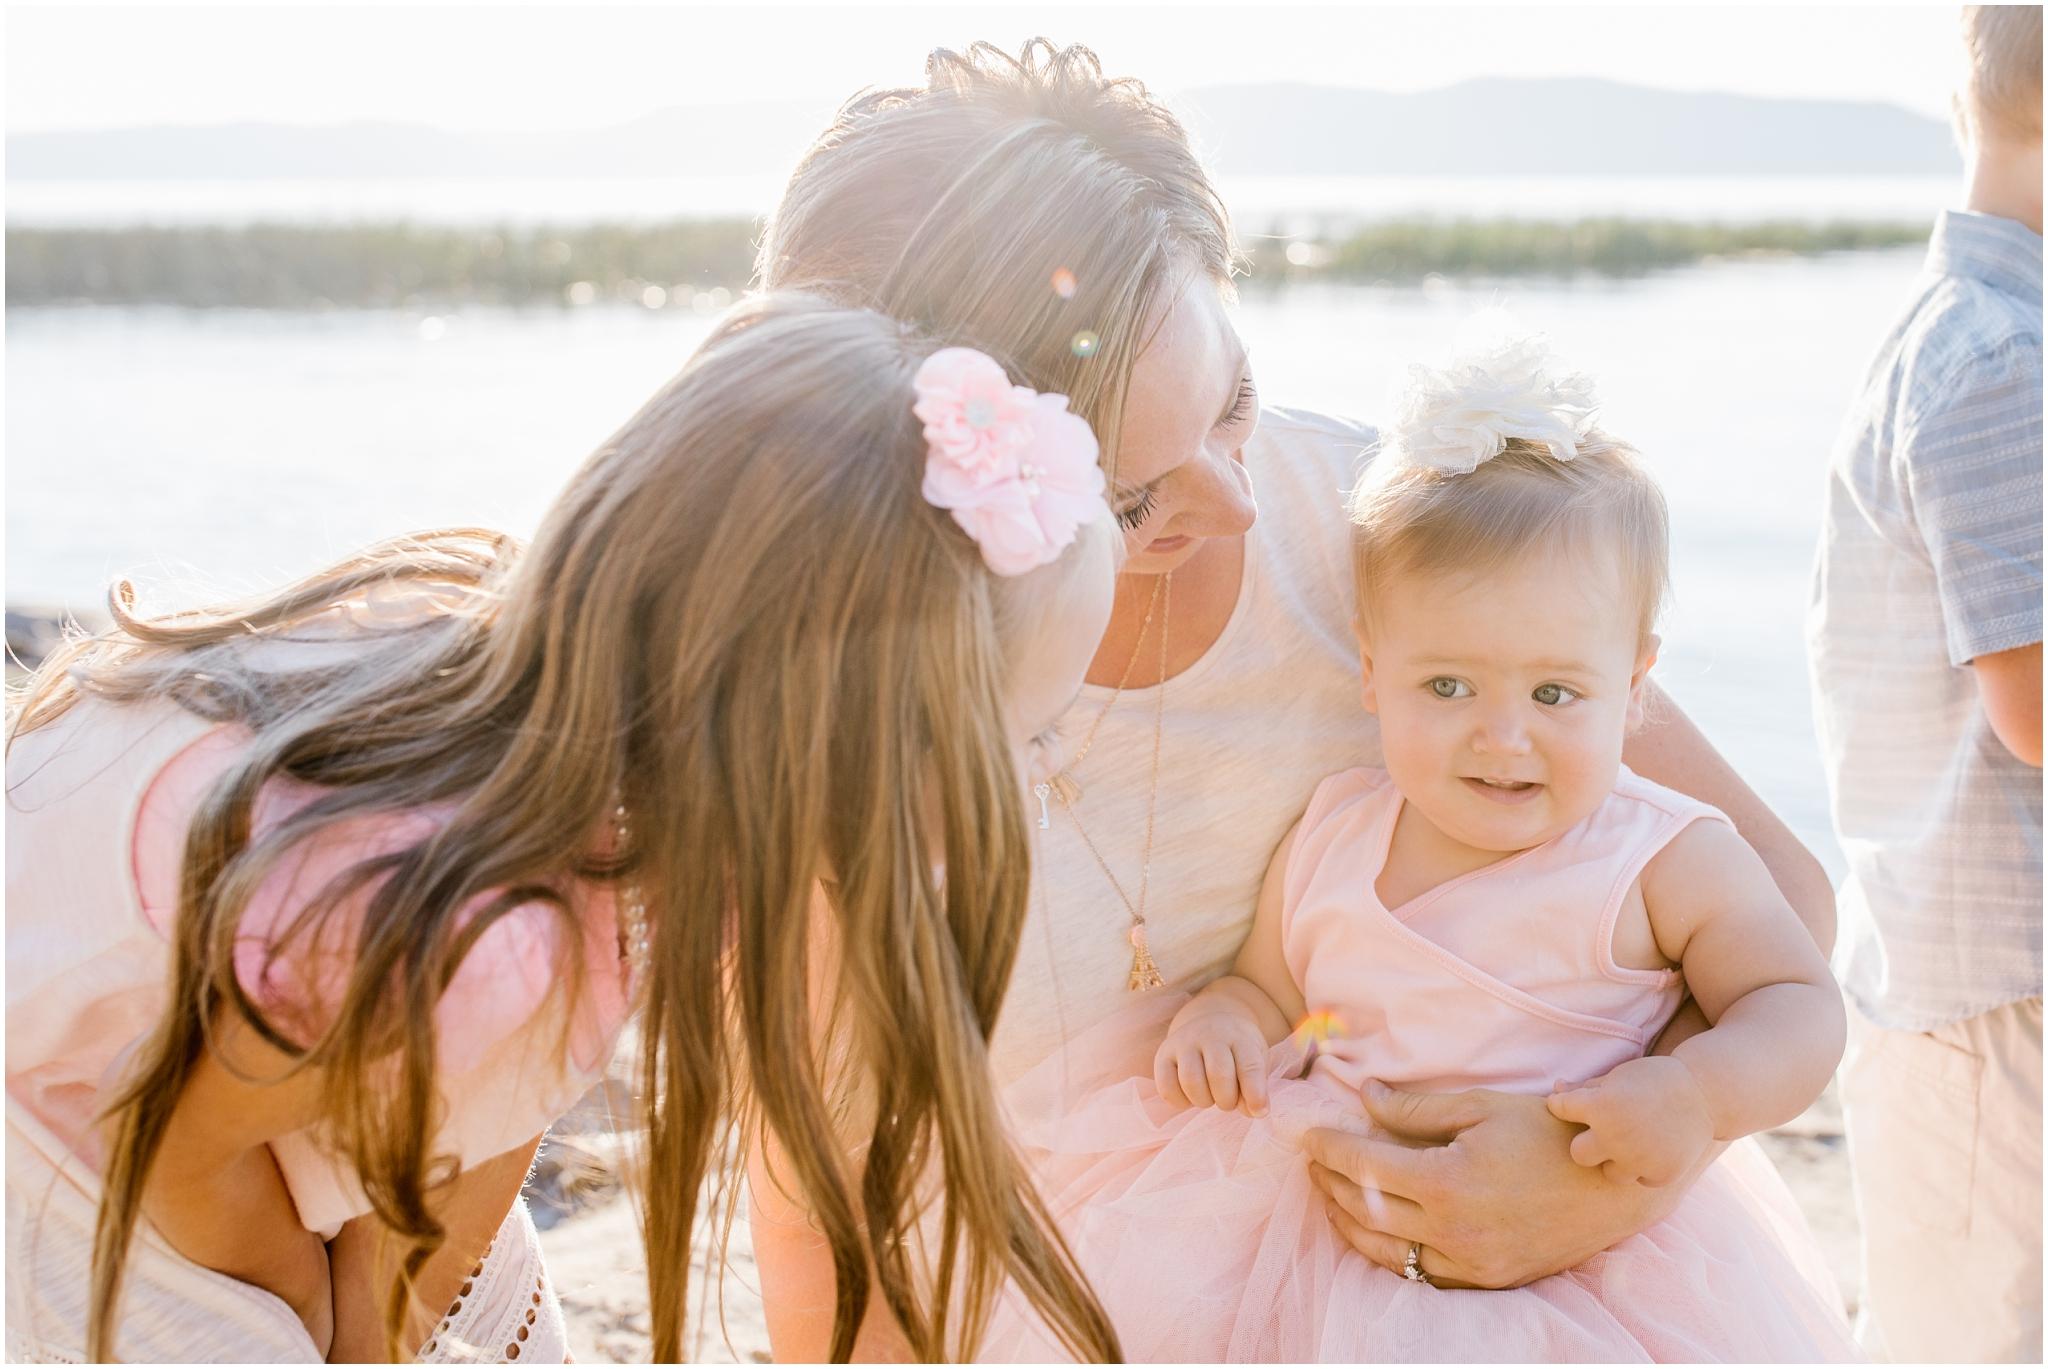 Harris-189_Lizzie-B-Imagery-Utah-Family-Photographer-Park-City-Salt-Lake-City-Bear-Lake-Idaho.jpg